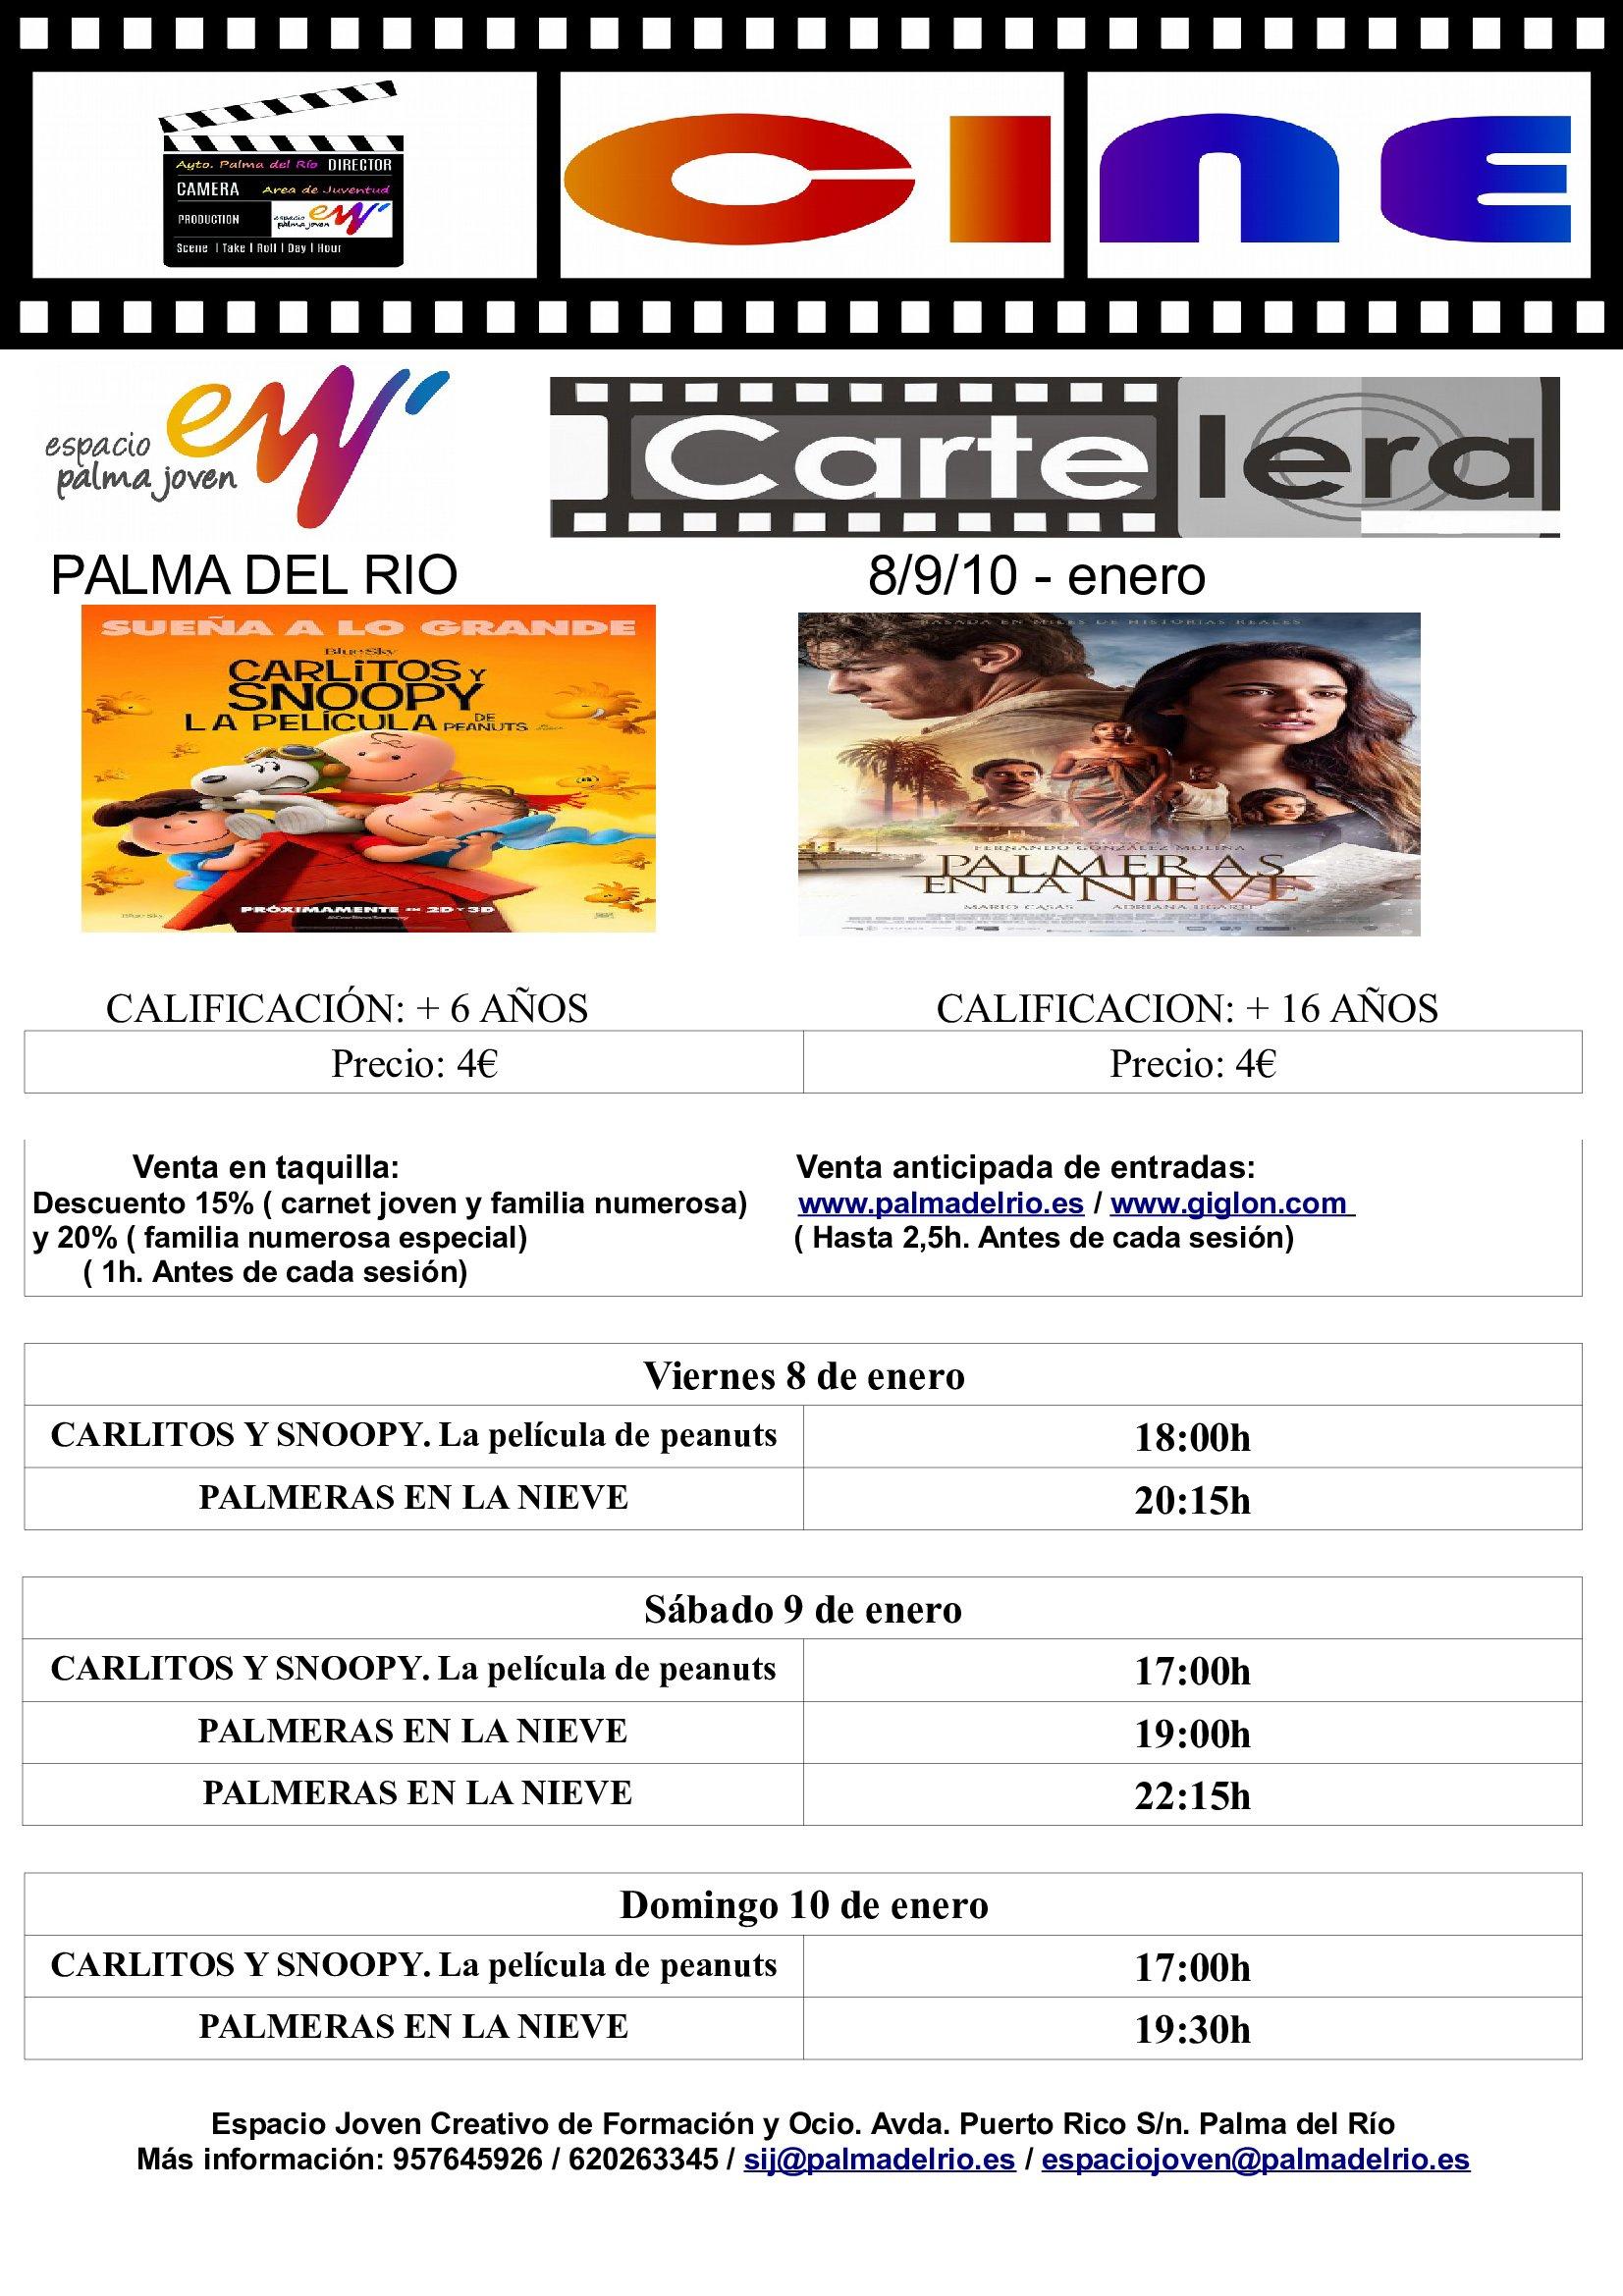 https://www.palmadelrio.es/sites/default/files/cine_8_9_y_10_enero.jpg